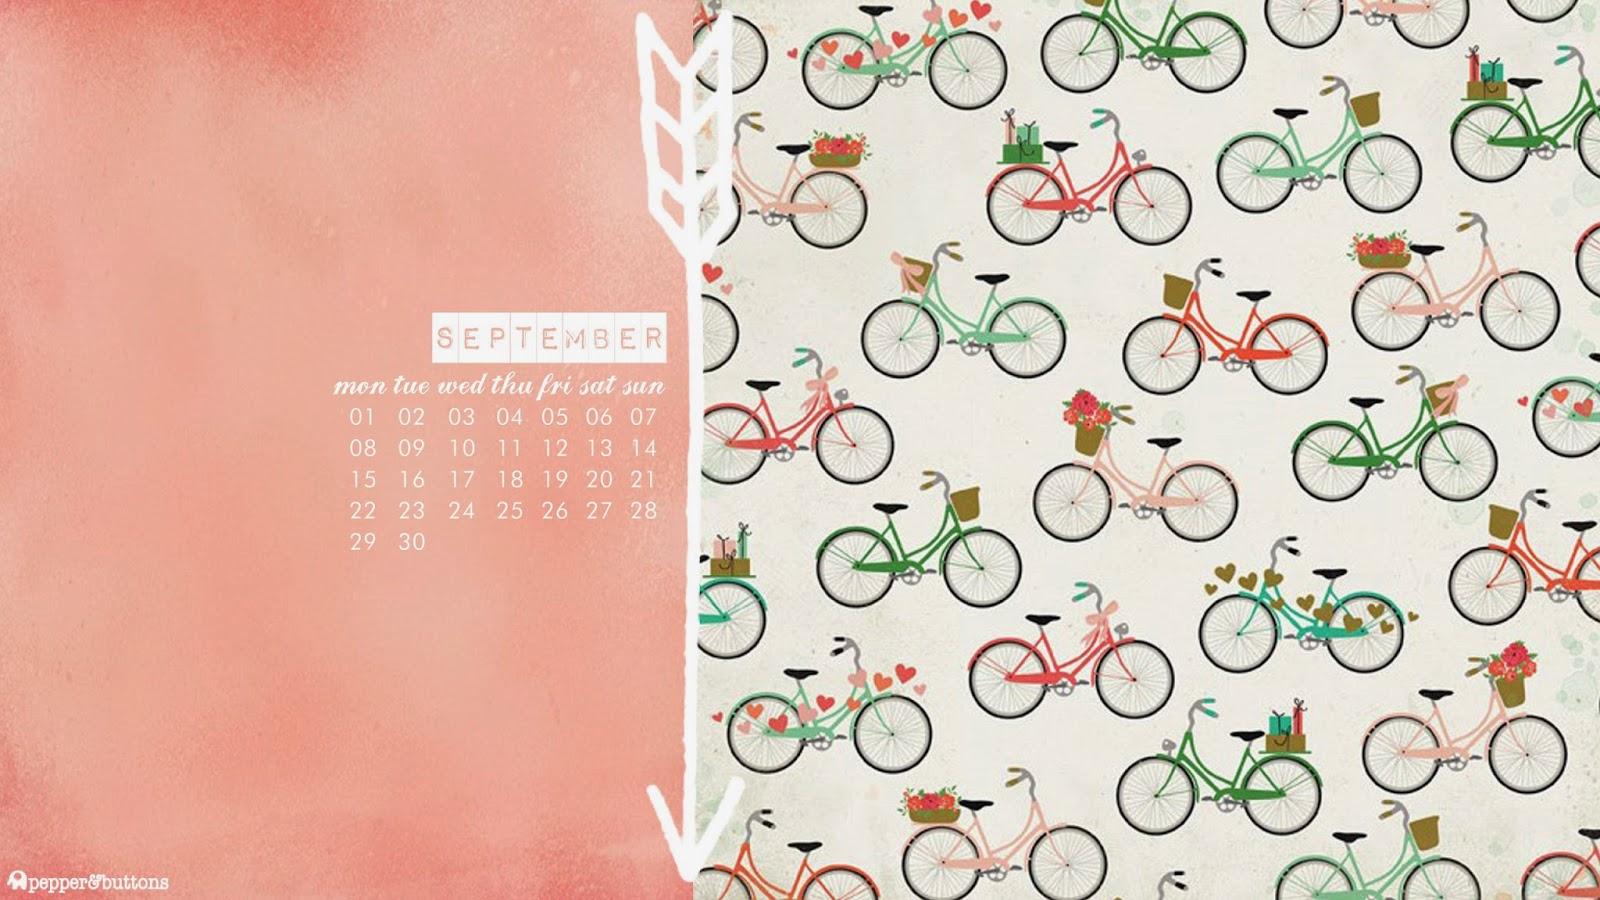 September 2014 Desktop Calendar September 2014 Desktop